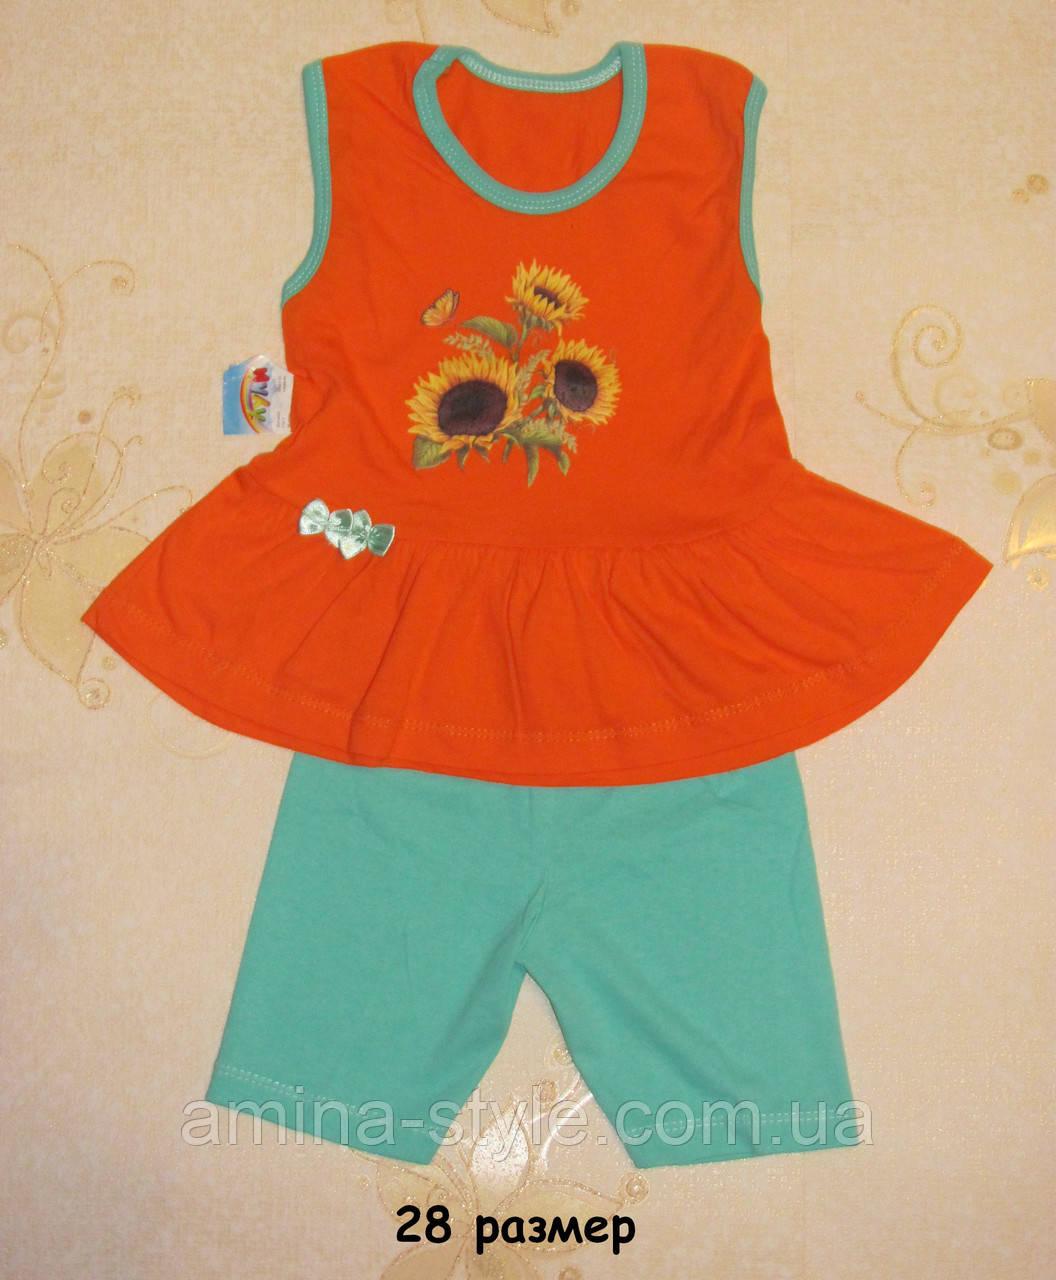 Комплекты детские на девочку, хлопок  28 размер (разные цвета)